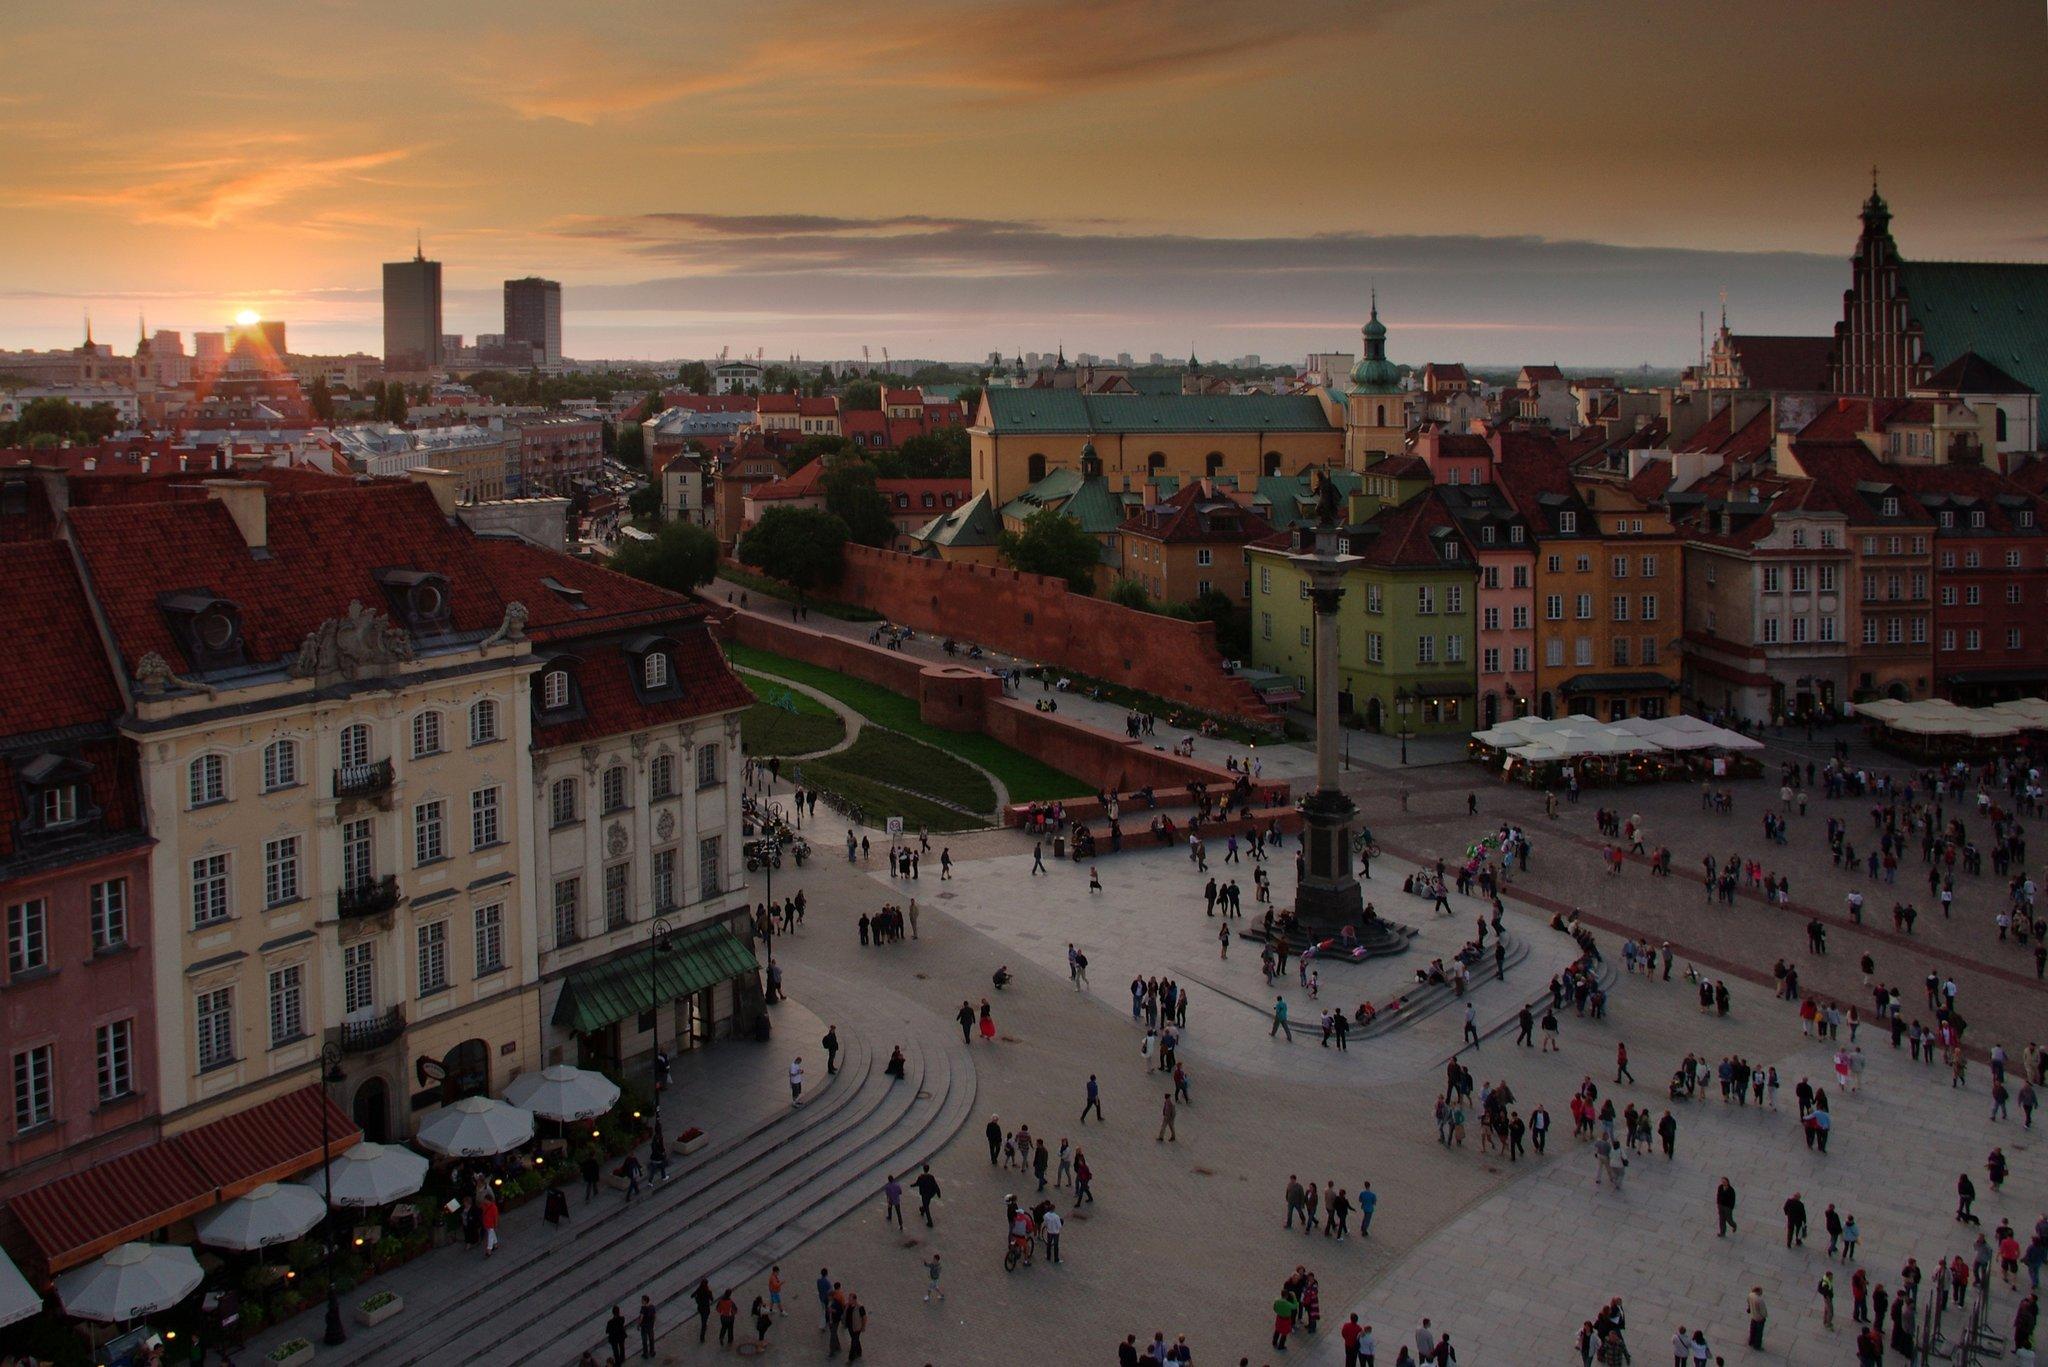 Warszawa Warszawa Źródło: www.pixabay.com, fotografia barwna, domena publiczna.